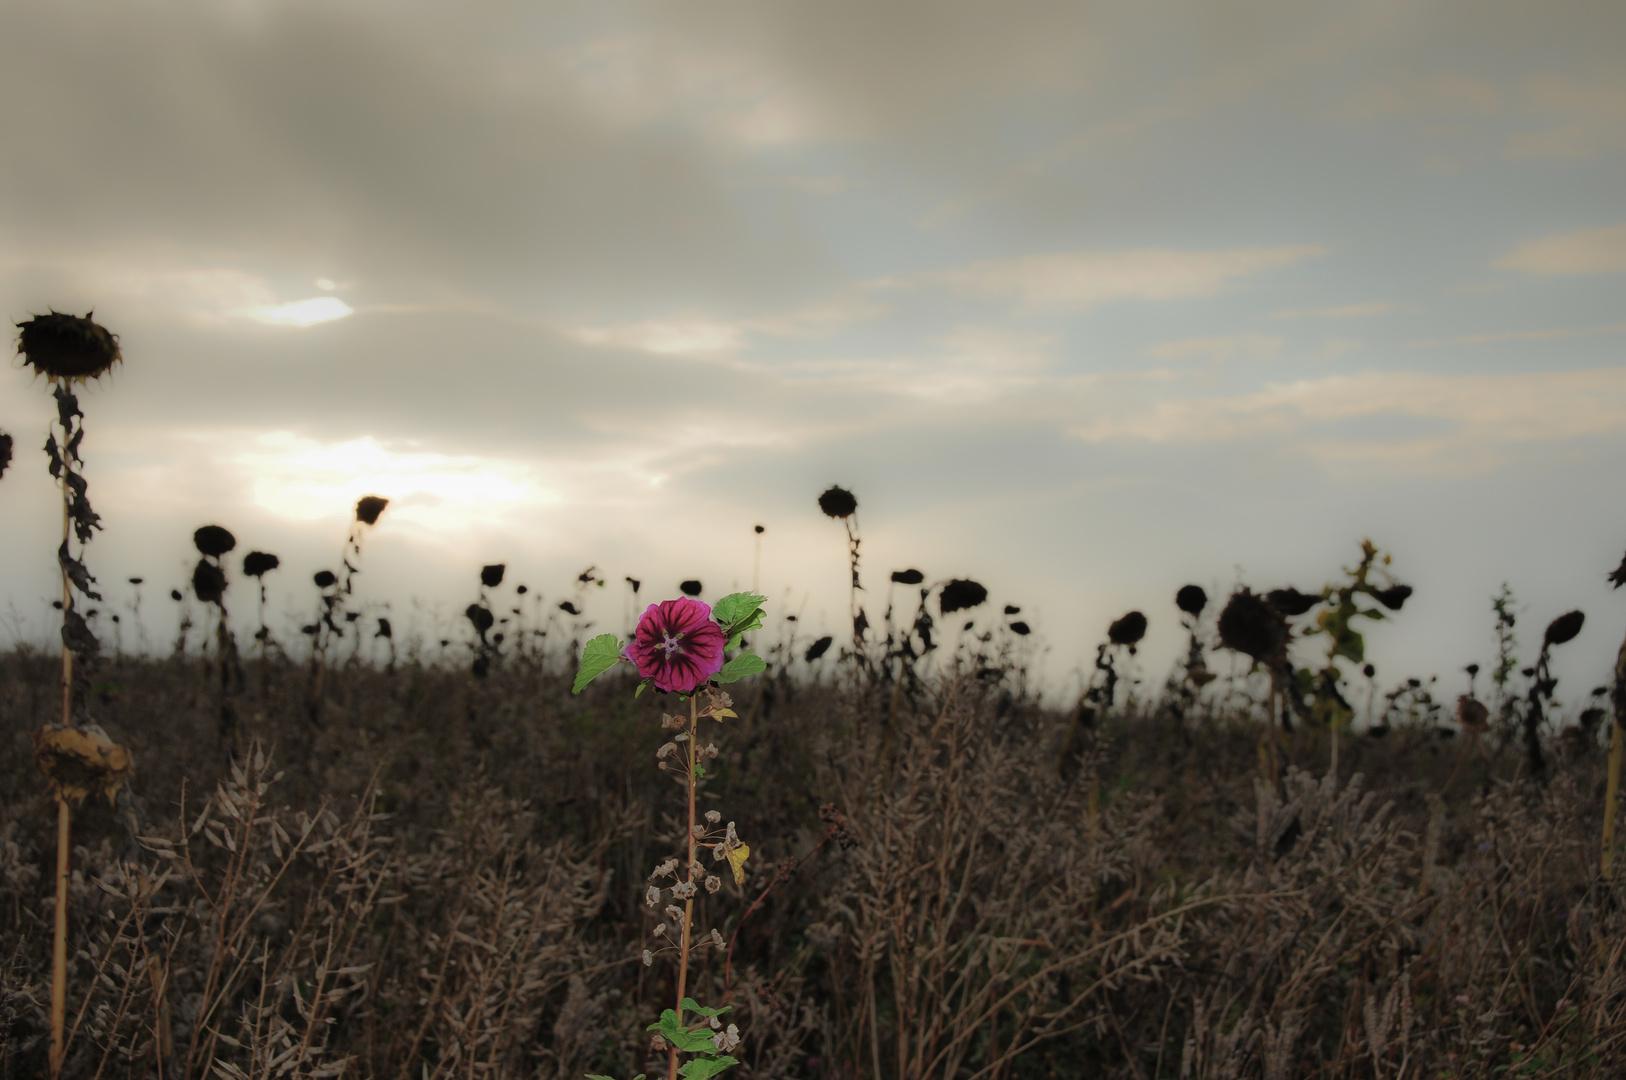 Sonnenblumenfeld im Herbst